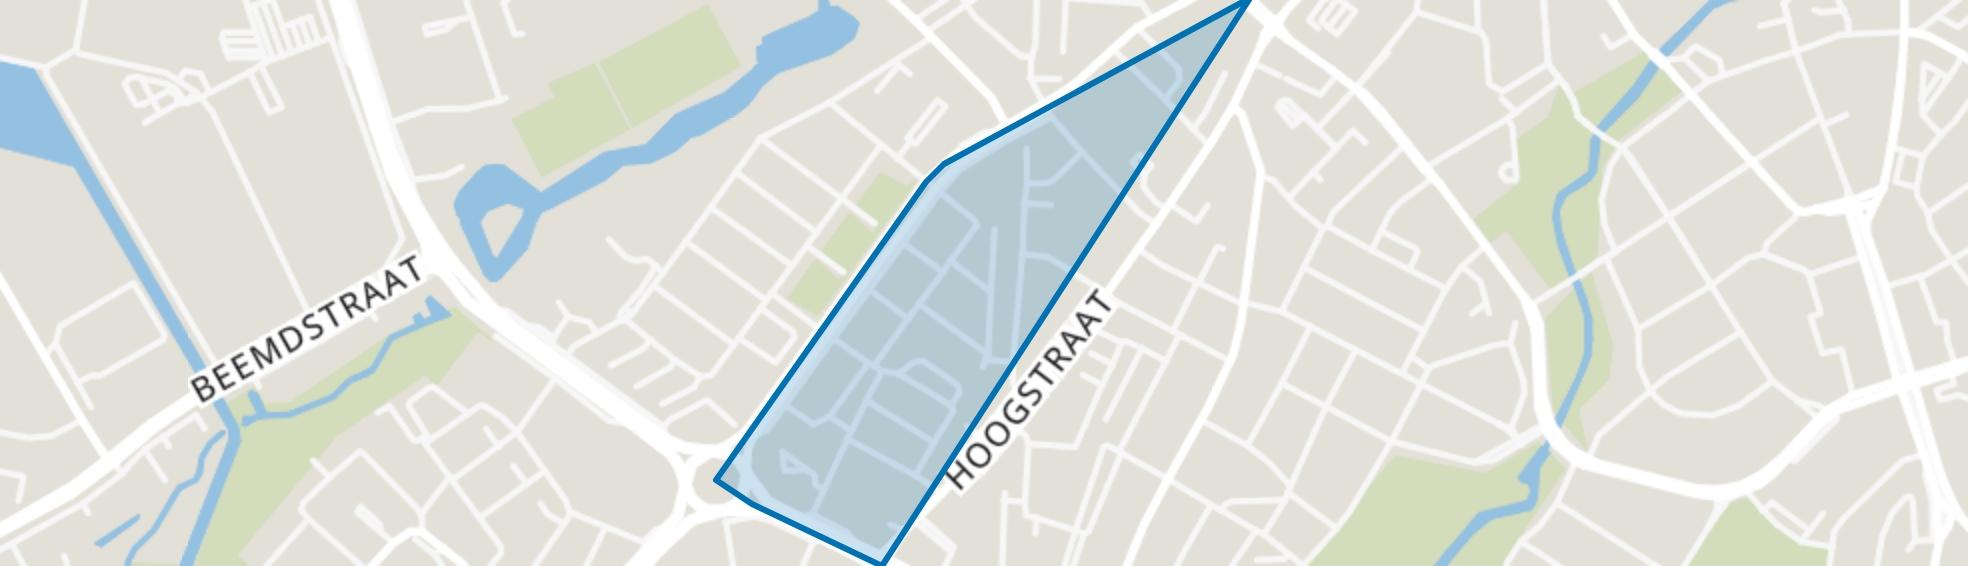 Oude Spoorbaan, Eindhoven map